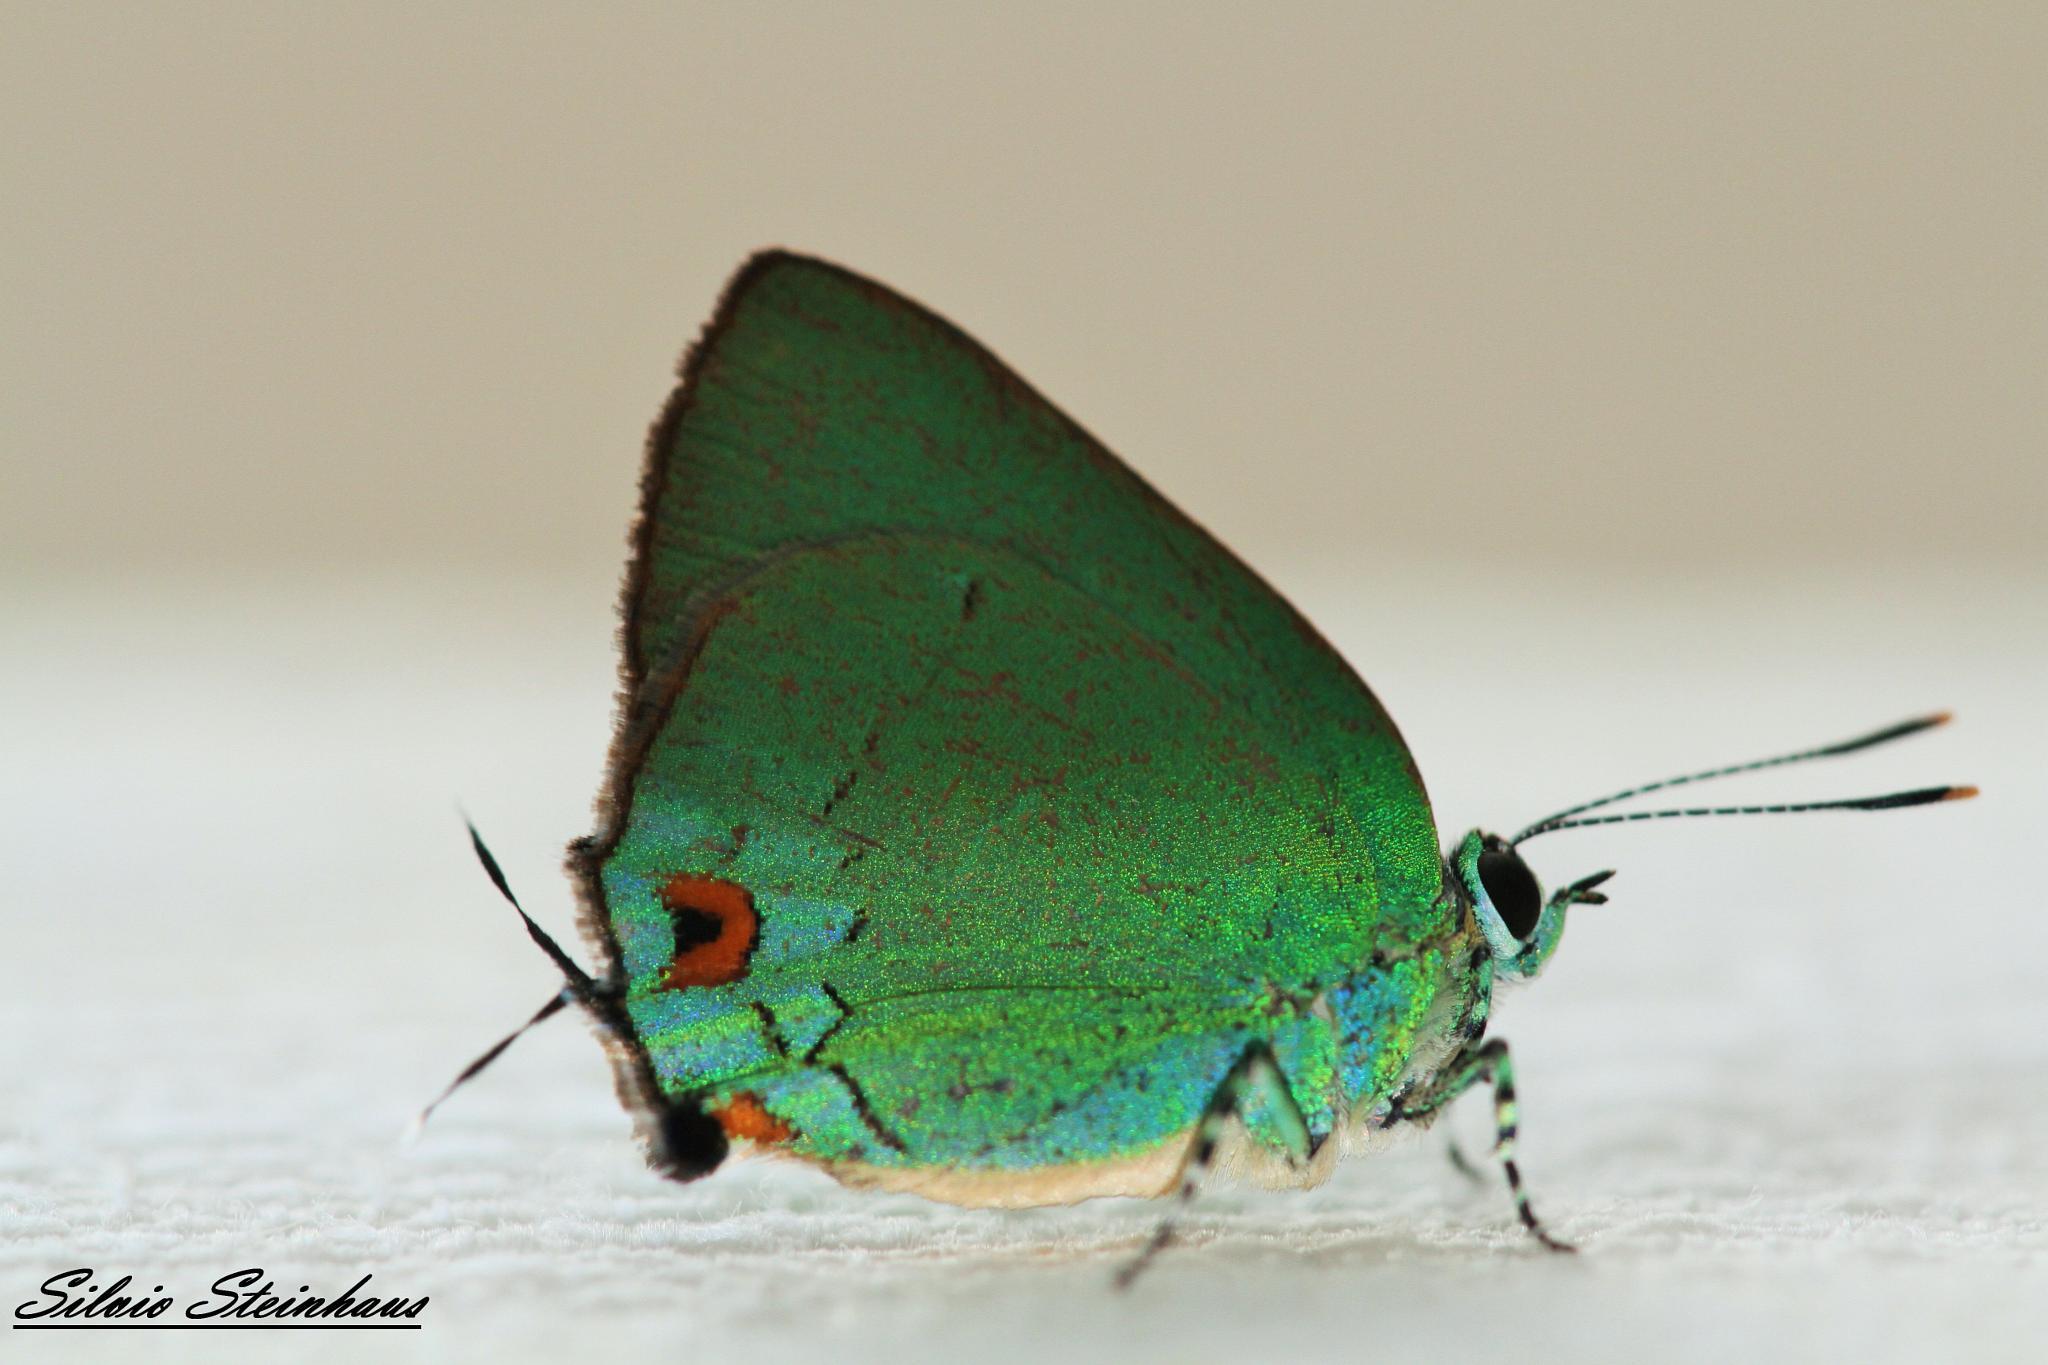 Butterfly by silviosteinhaus